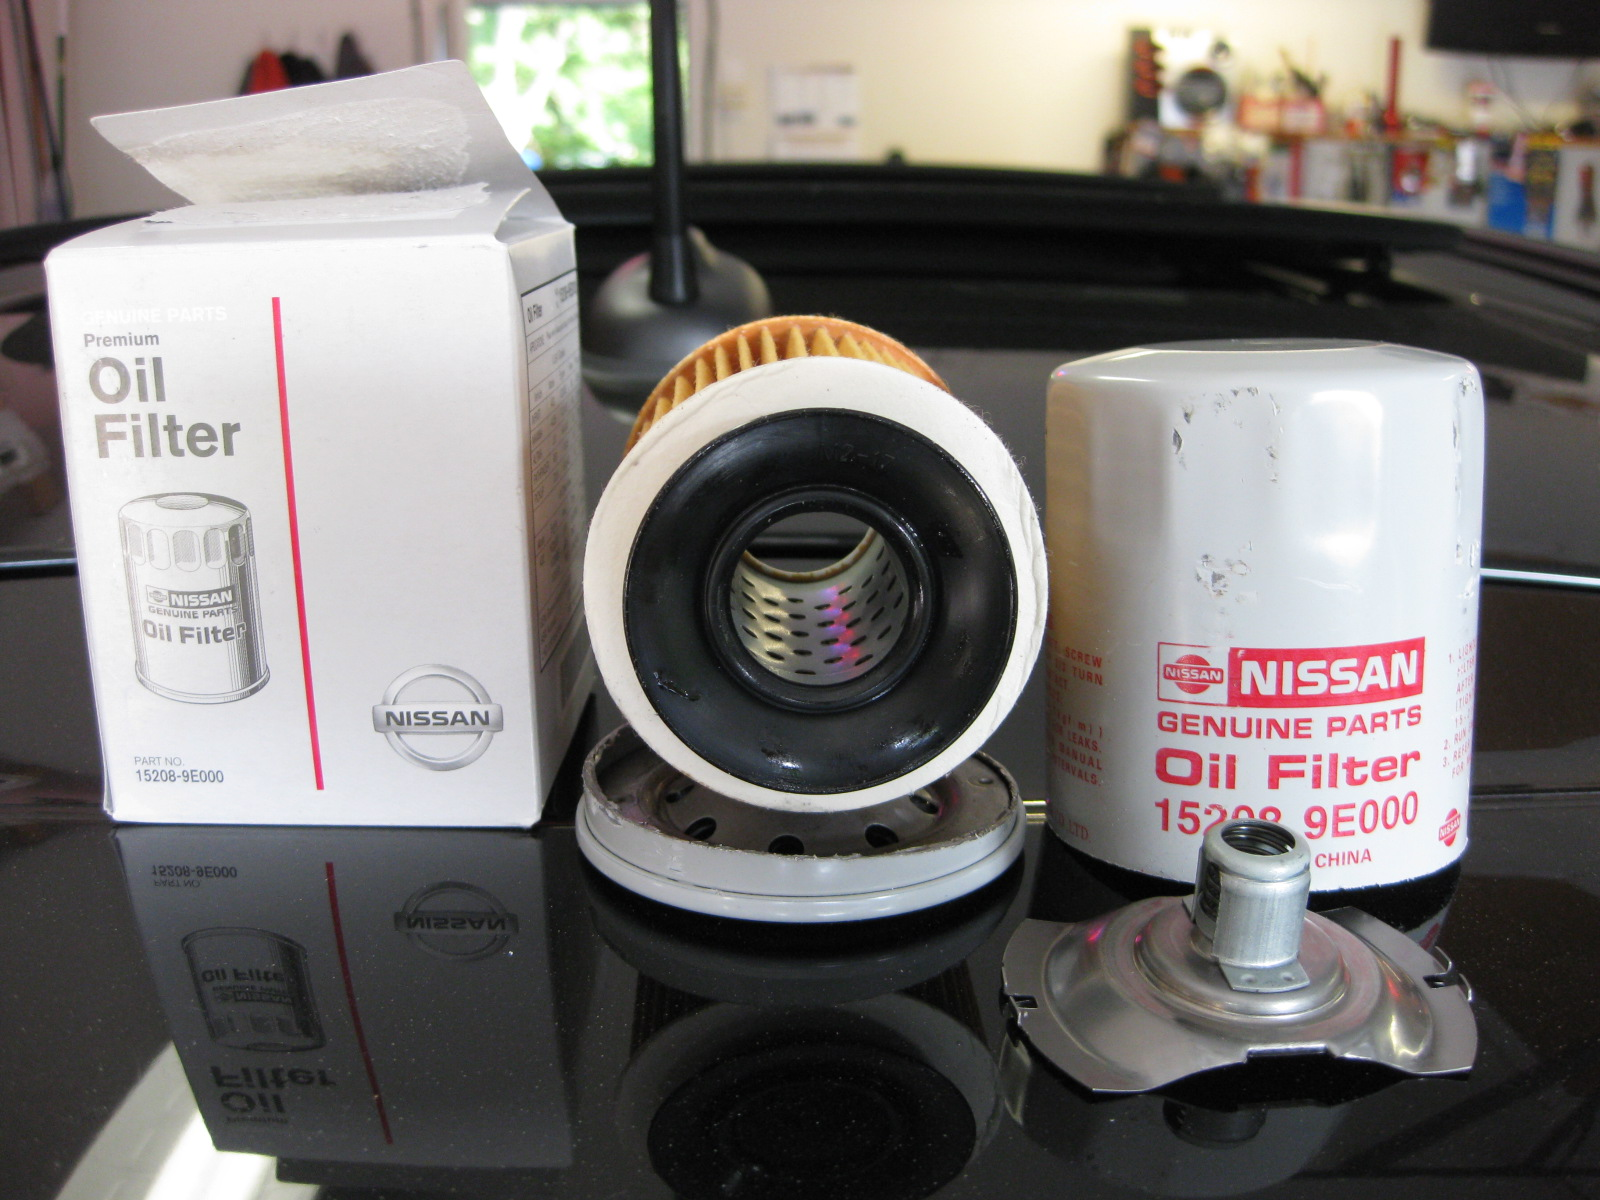 Nissan Oil Filter #15208-9E000-img_0672.jpg